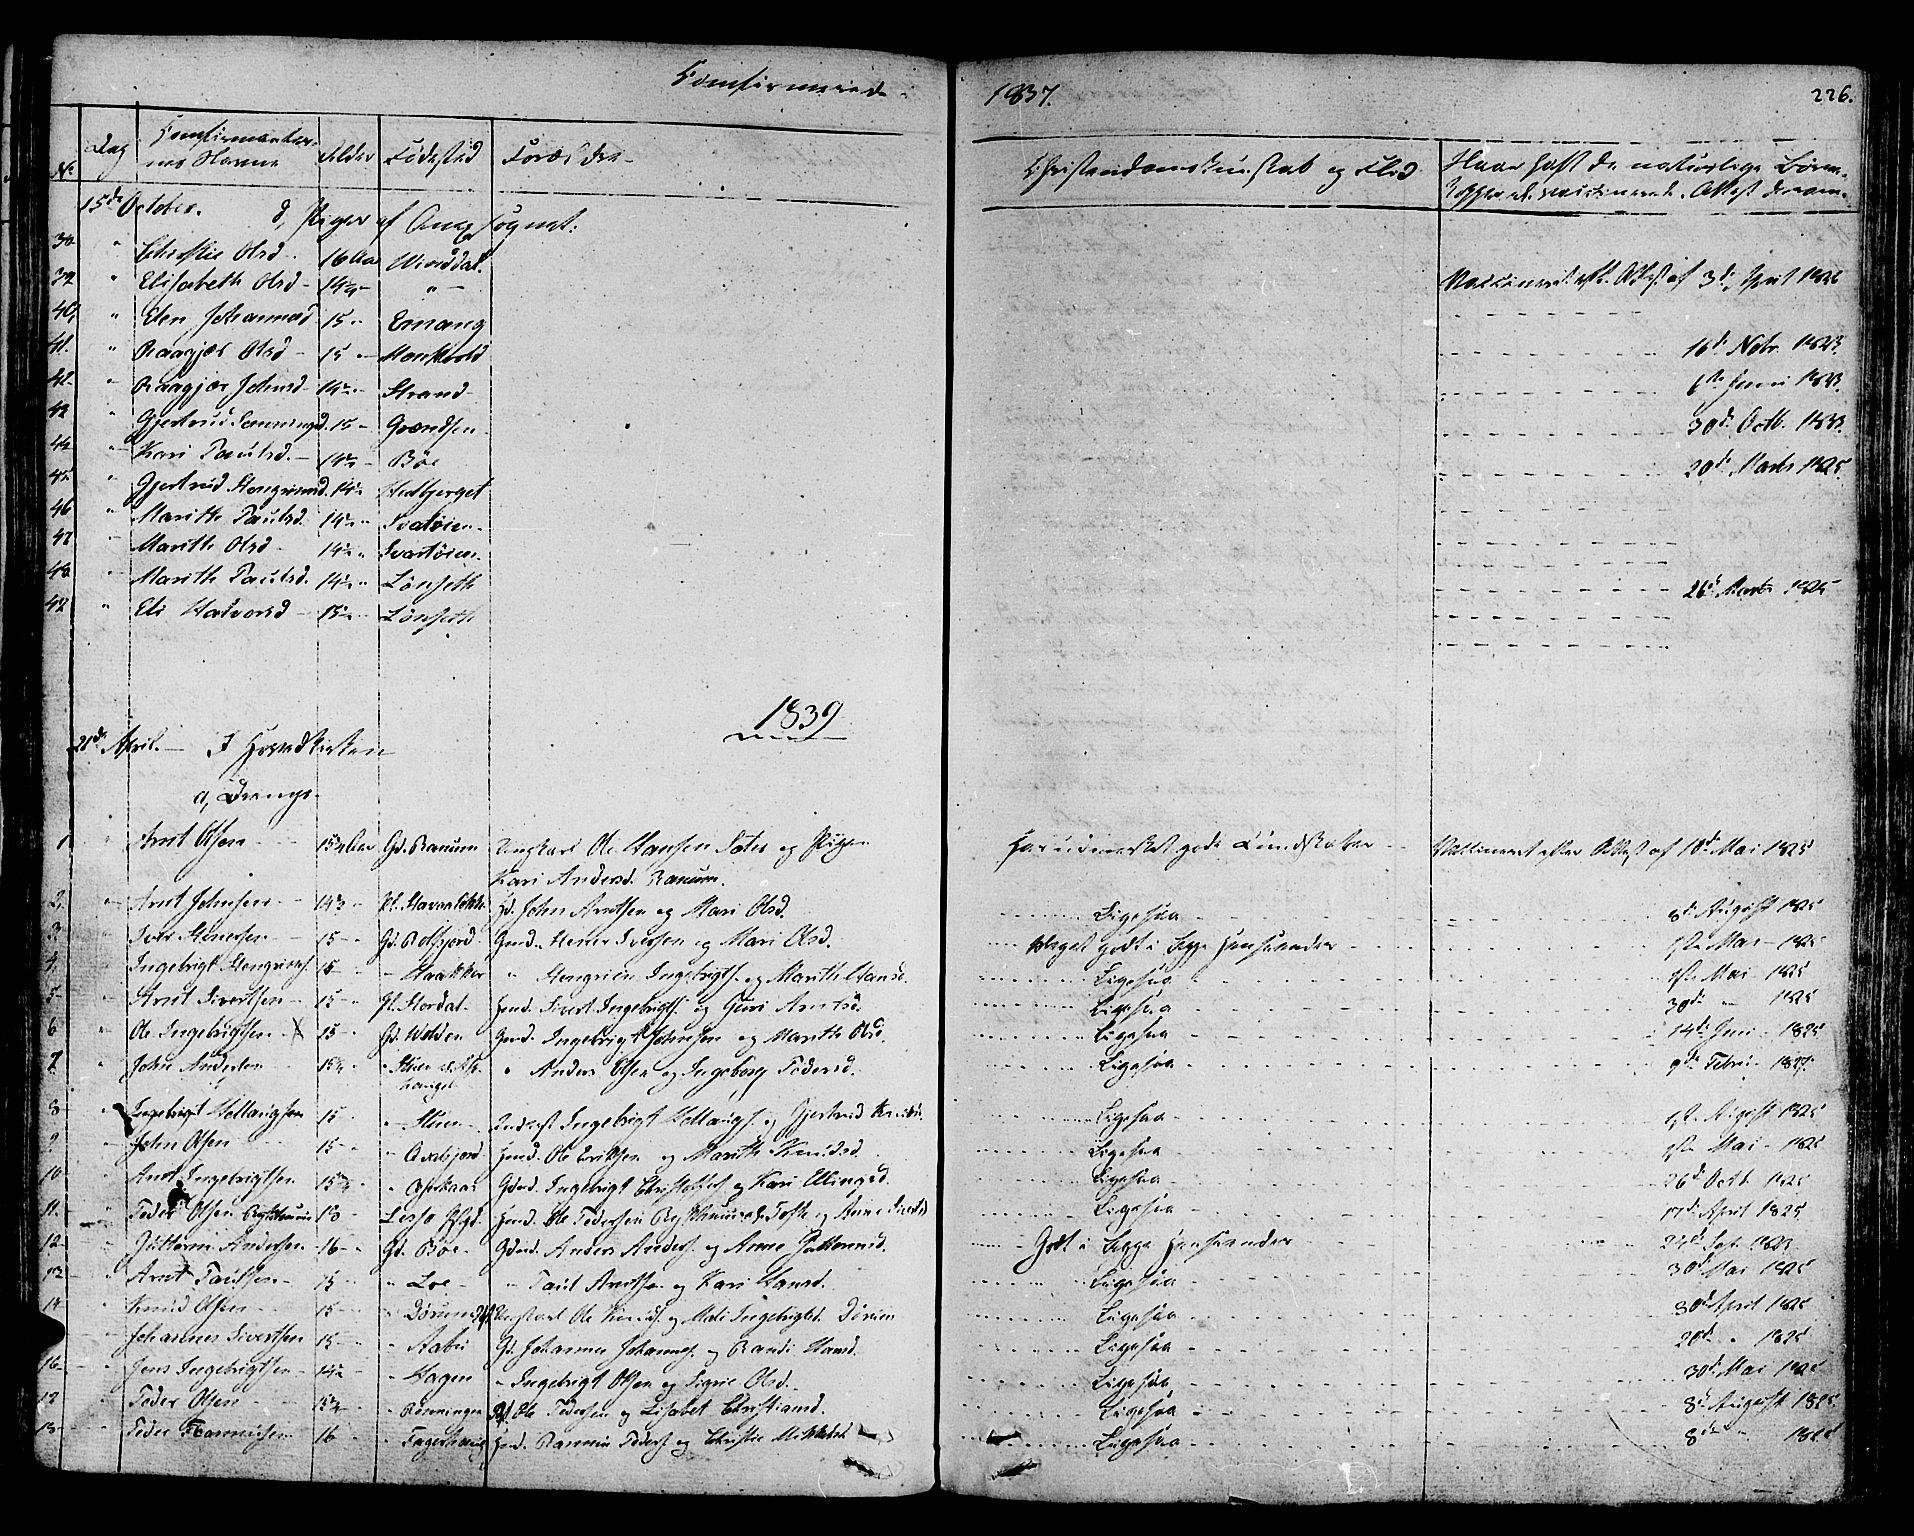 SAT, Ministerialprotokoller, klokkerbøker og fødselsregistre - Sør-Trøndelag, 678/L0897: Ministerialbok nr. 678A06-07, 1821-1847, s. 226